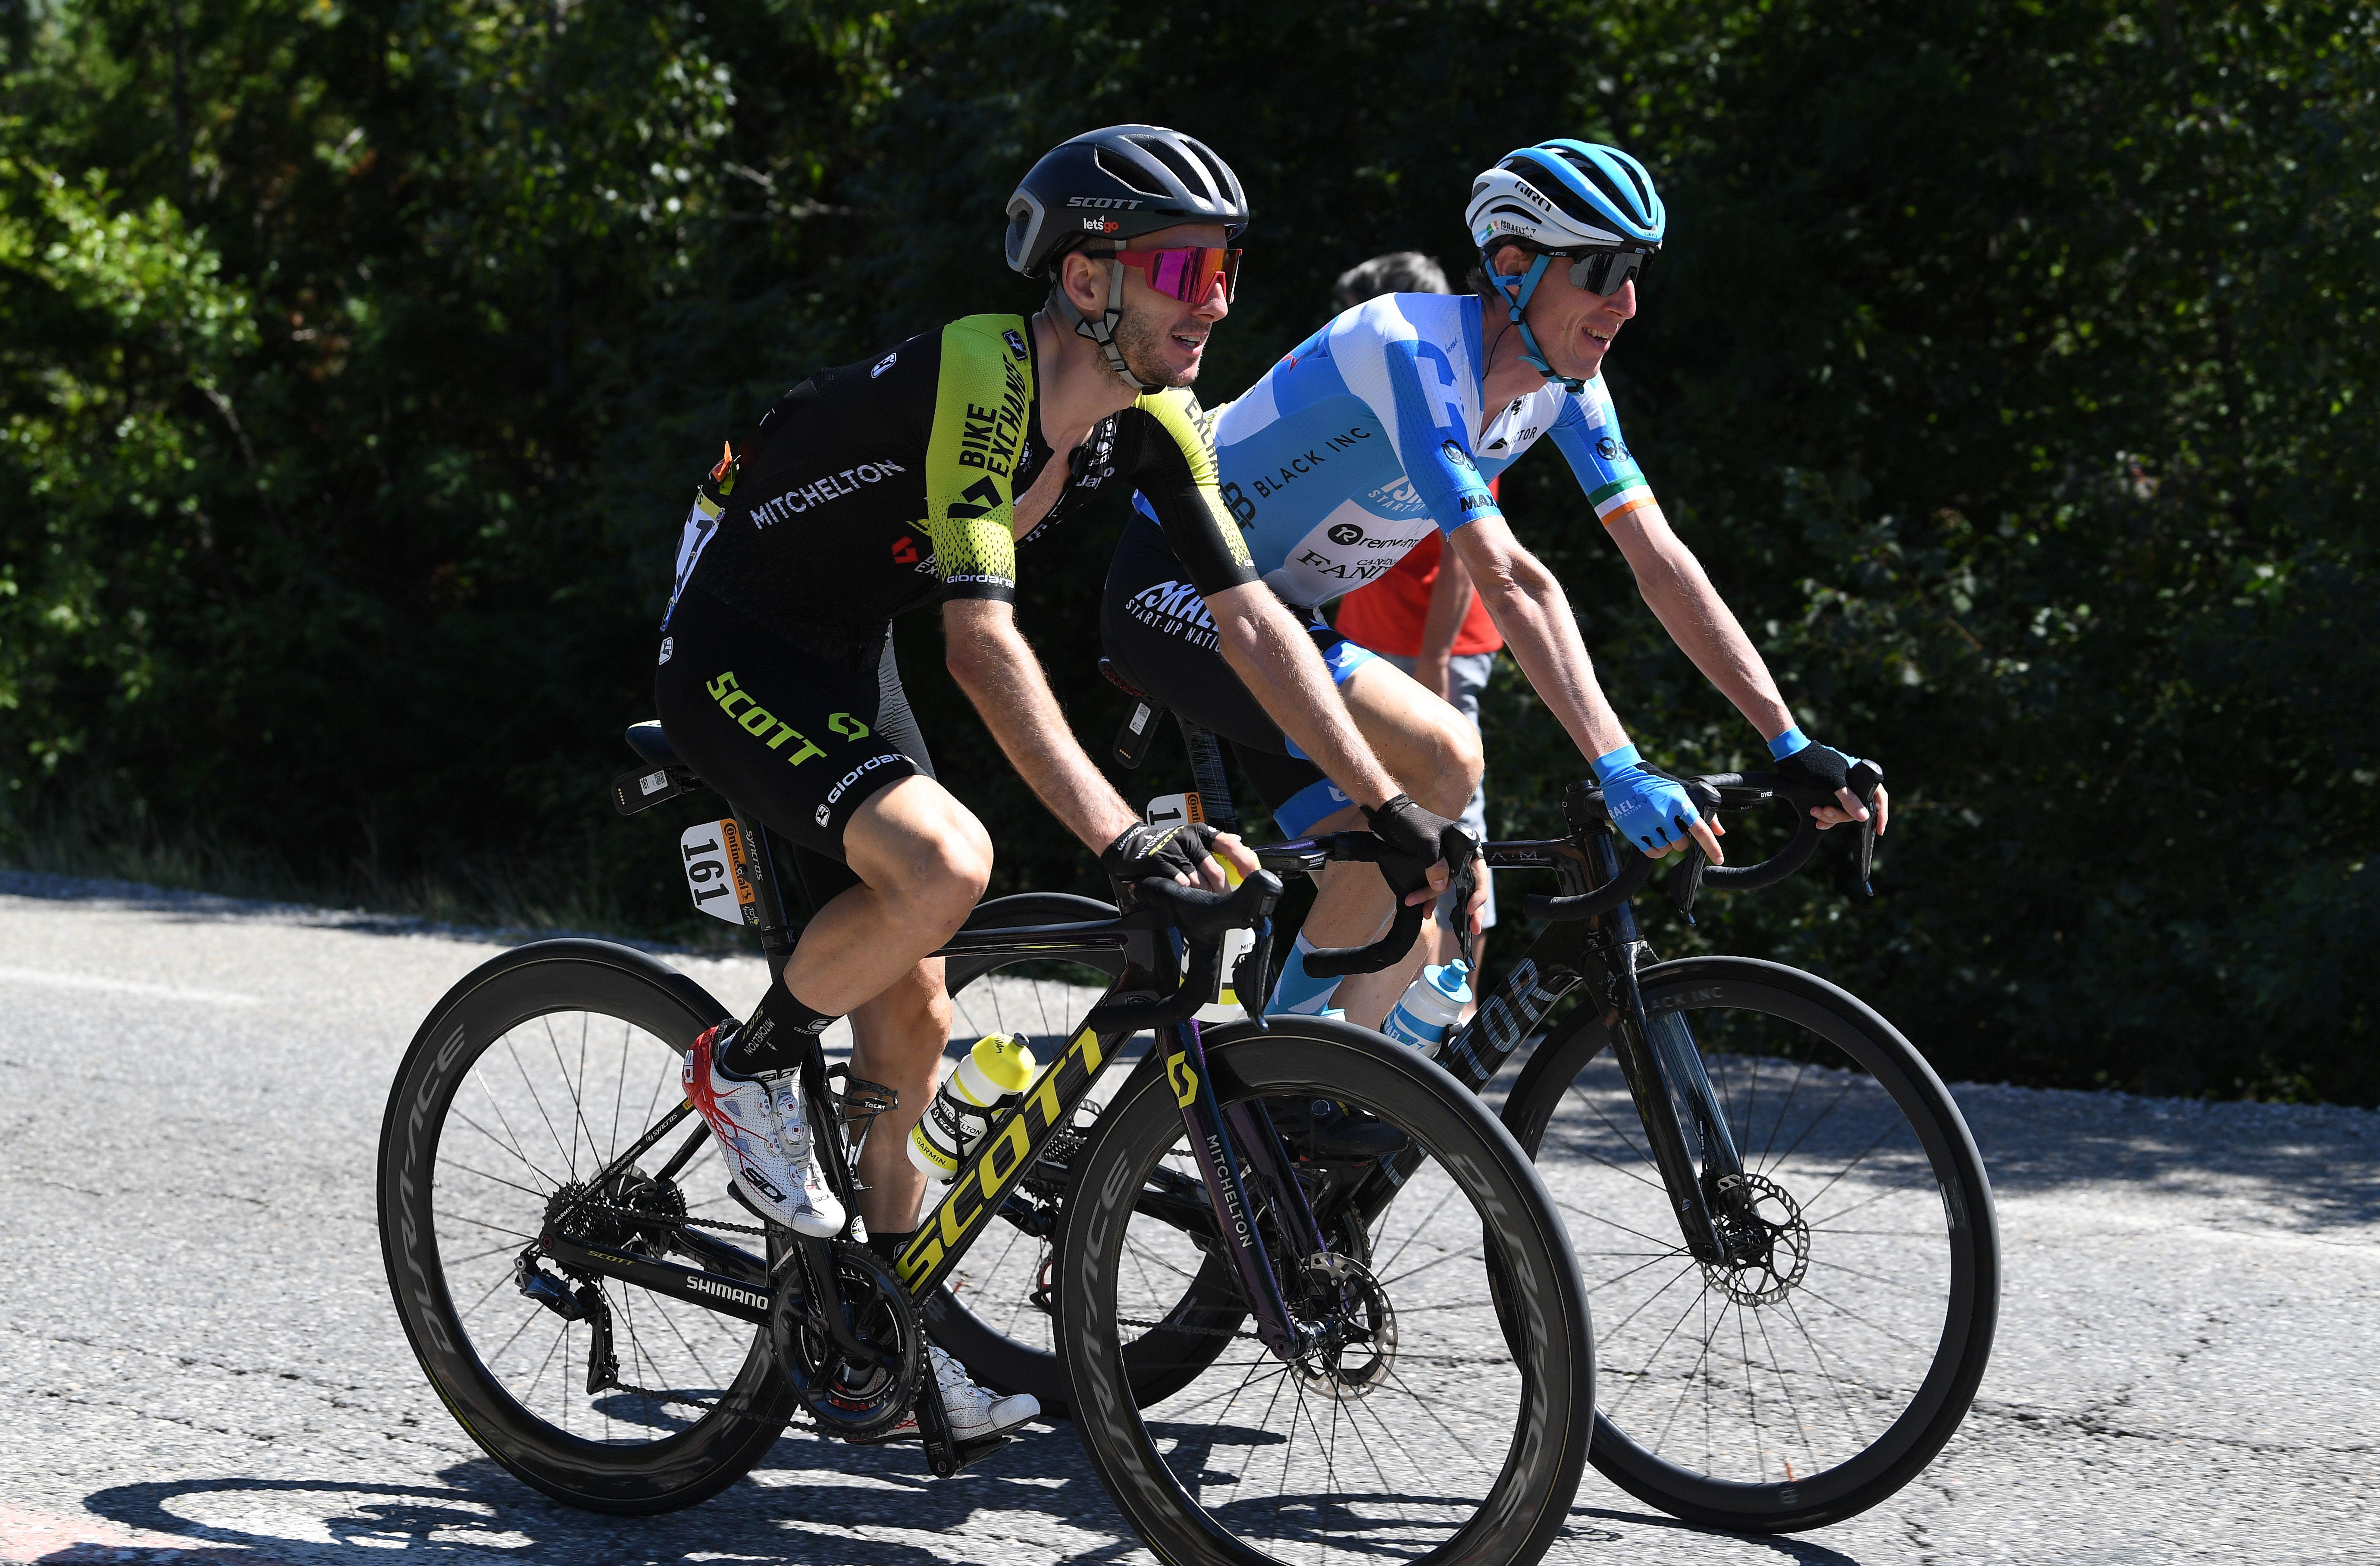 107th Tour de France 2020 - Stage 5